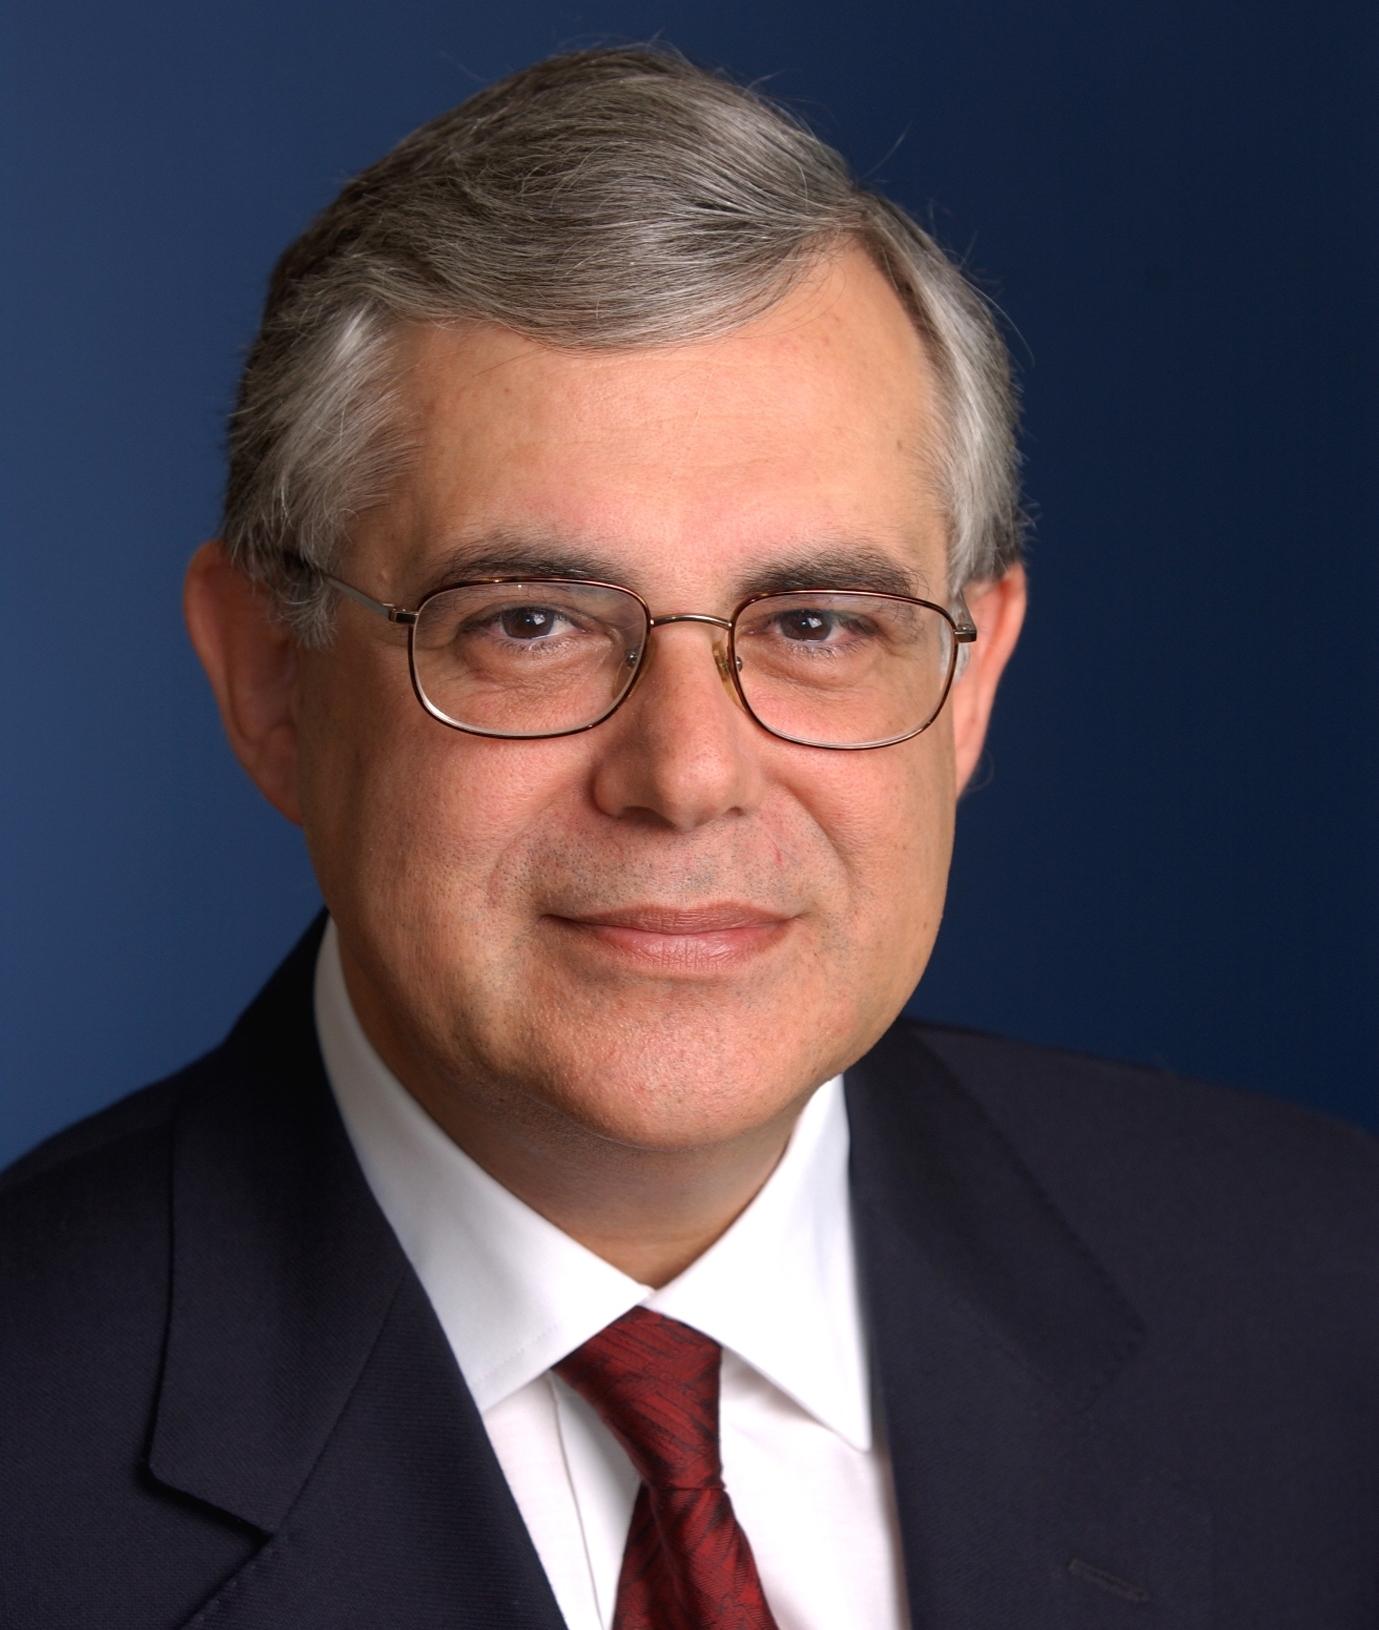 Lucas Papademos speaker